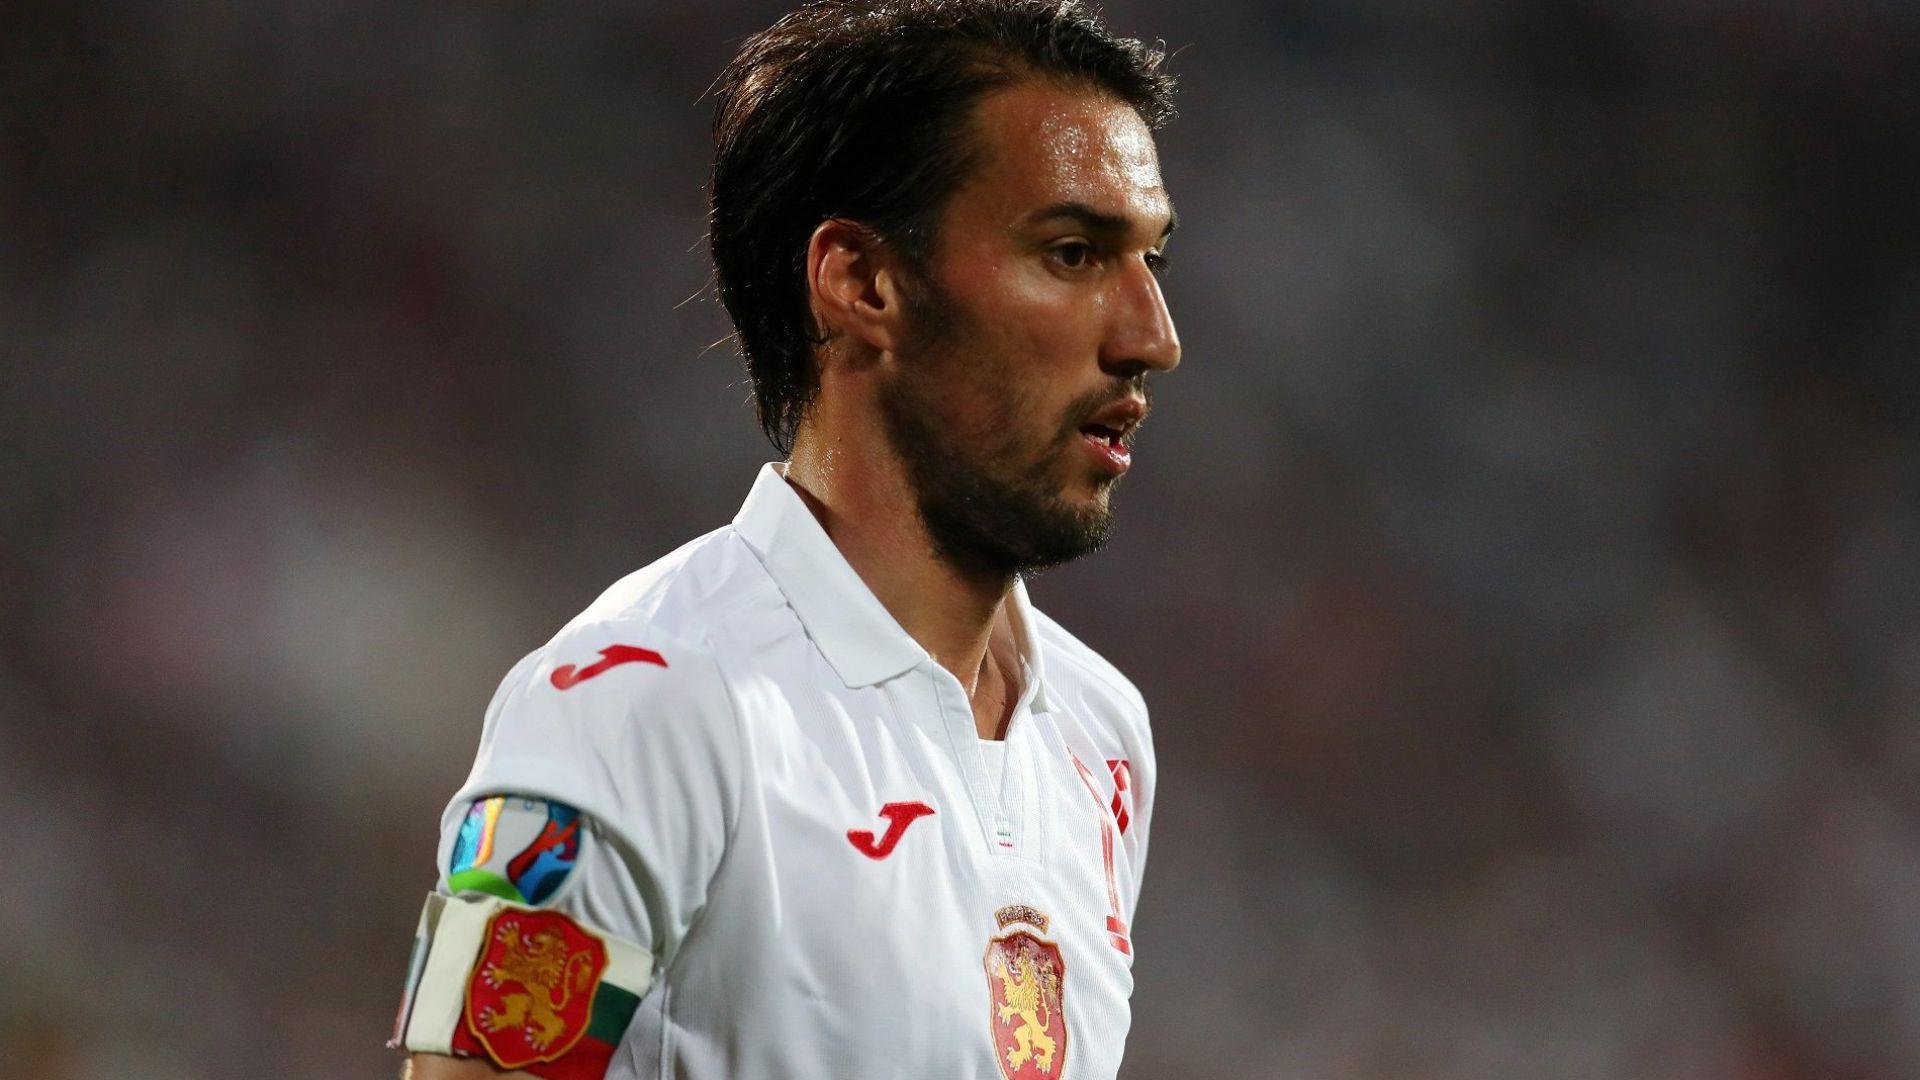 Ивелин Попов е категоричен: Решението за националния тим не подлежи на обсъждане